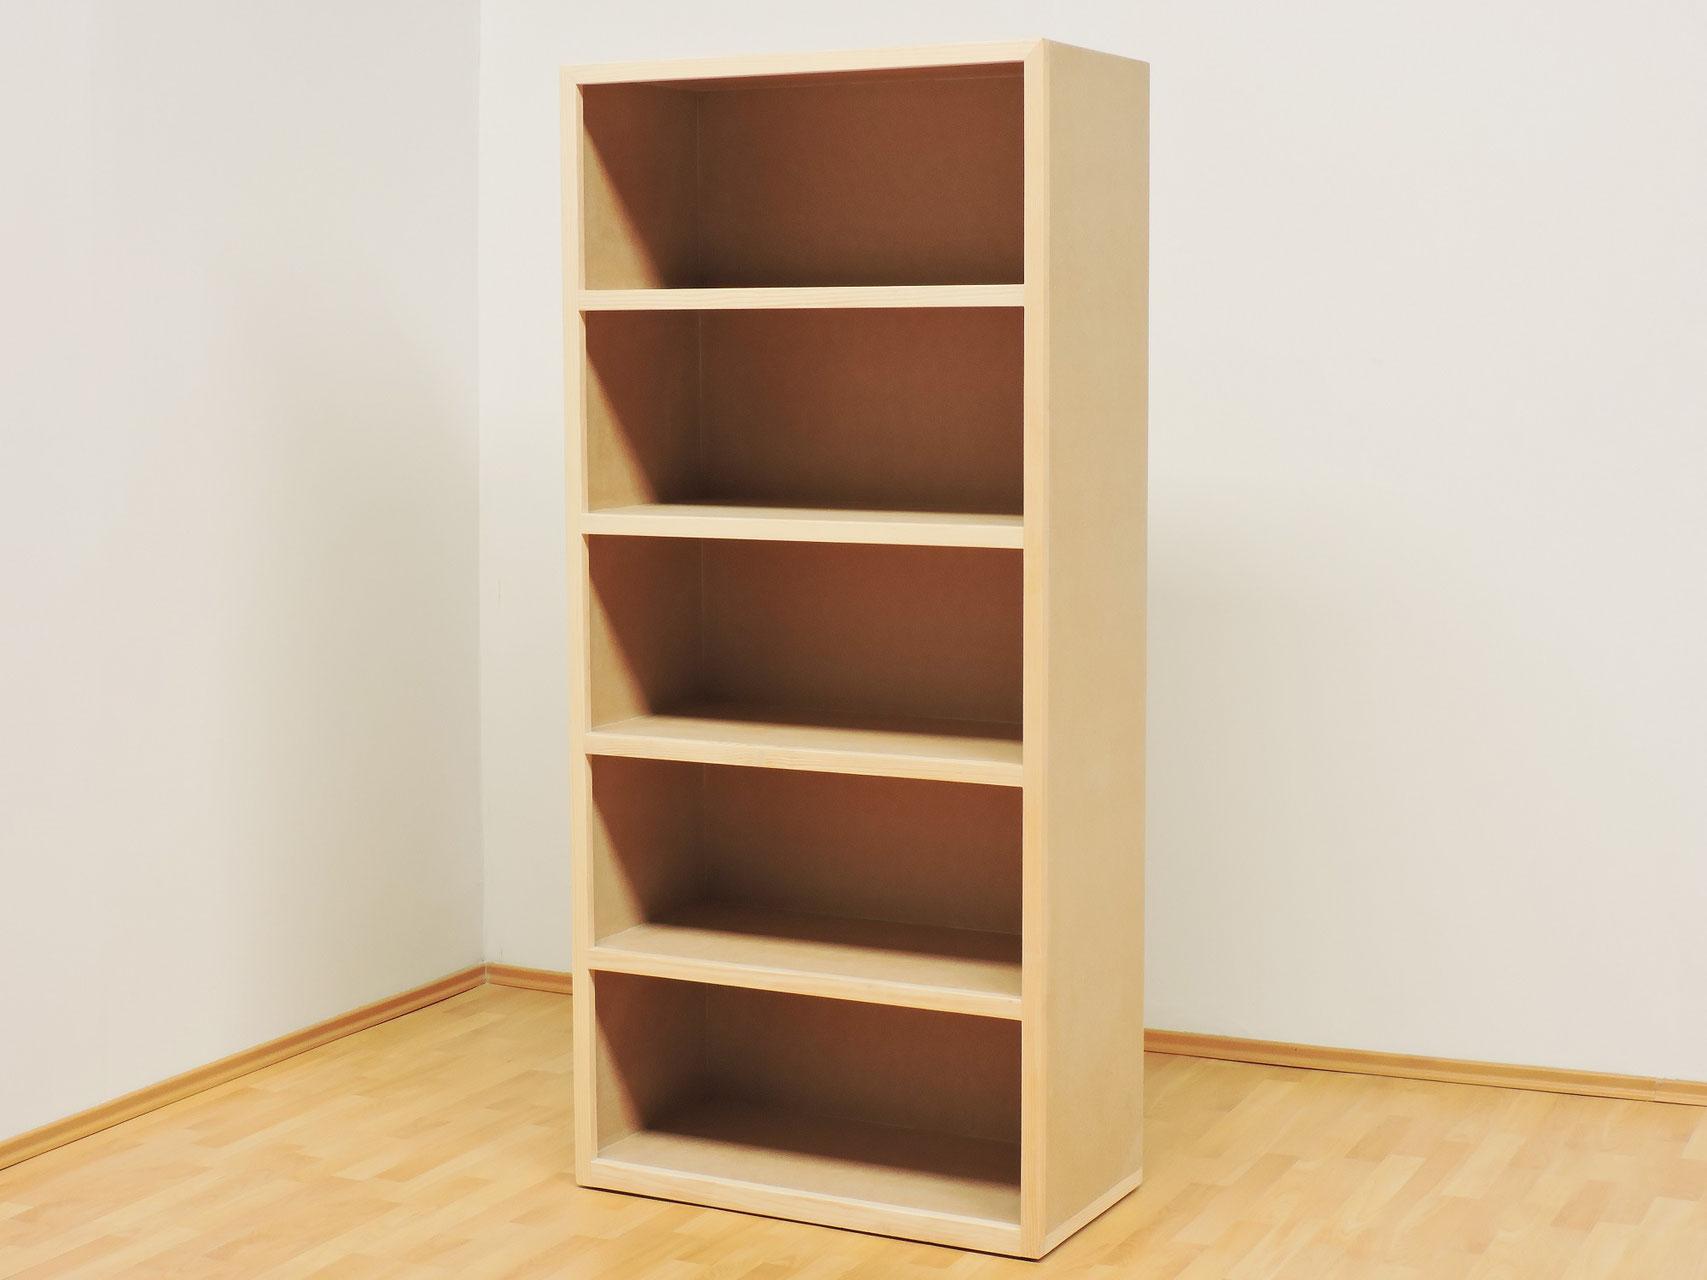 Libreros muebles gm muebles de madera for App para hacer muebles